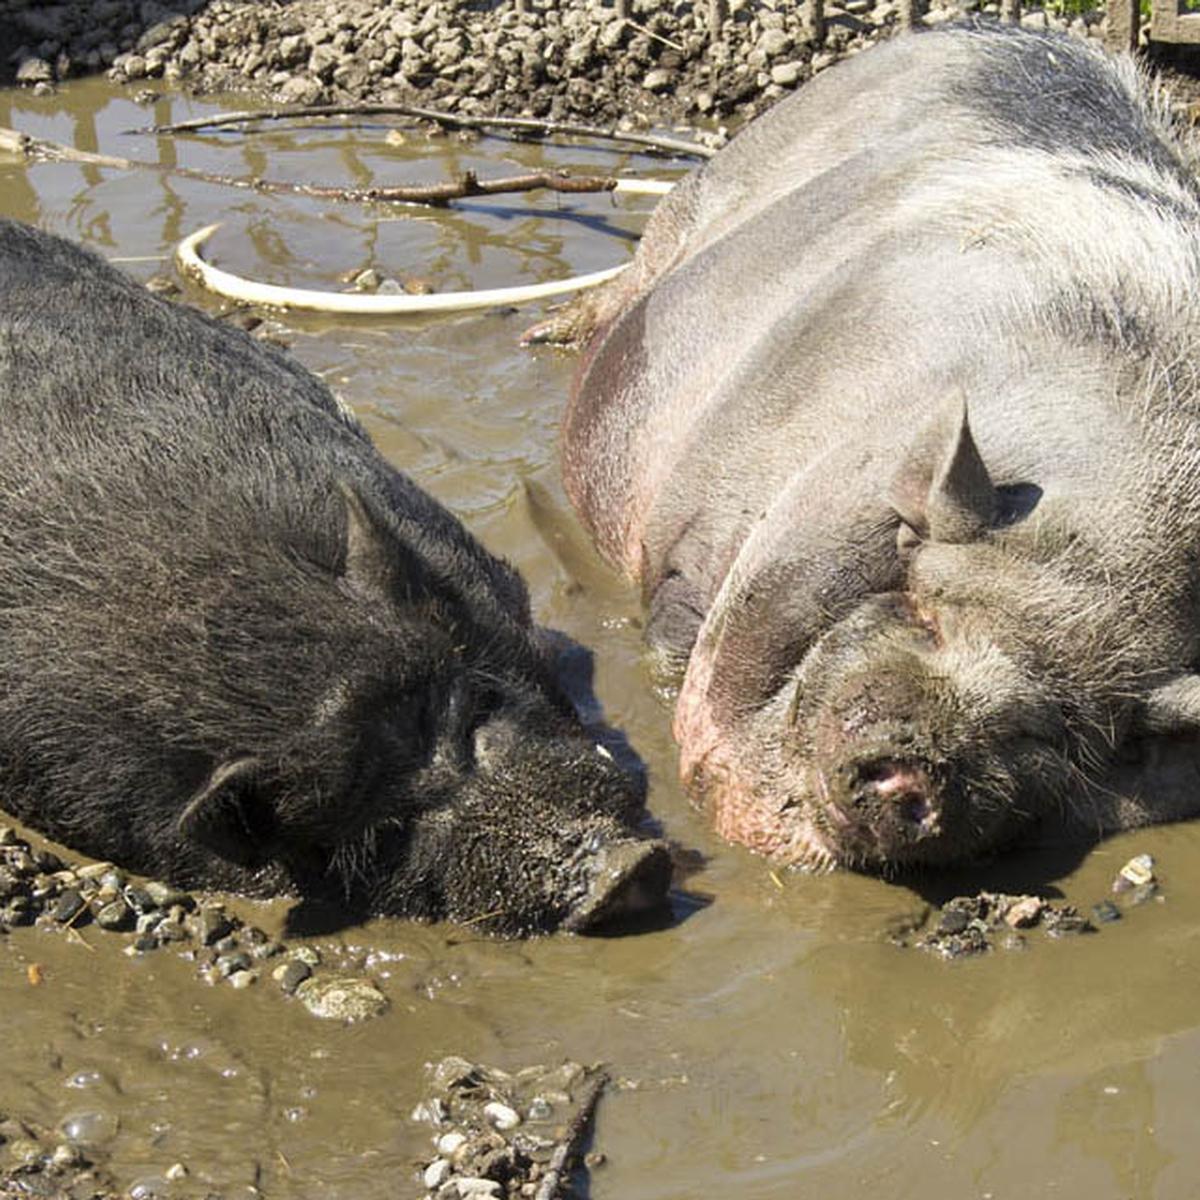 Porcikomodi Il Paradiso Dove Gli Animali Da Reddito Vivono Felici Lifegate